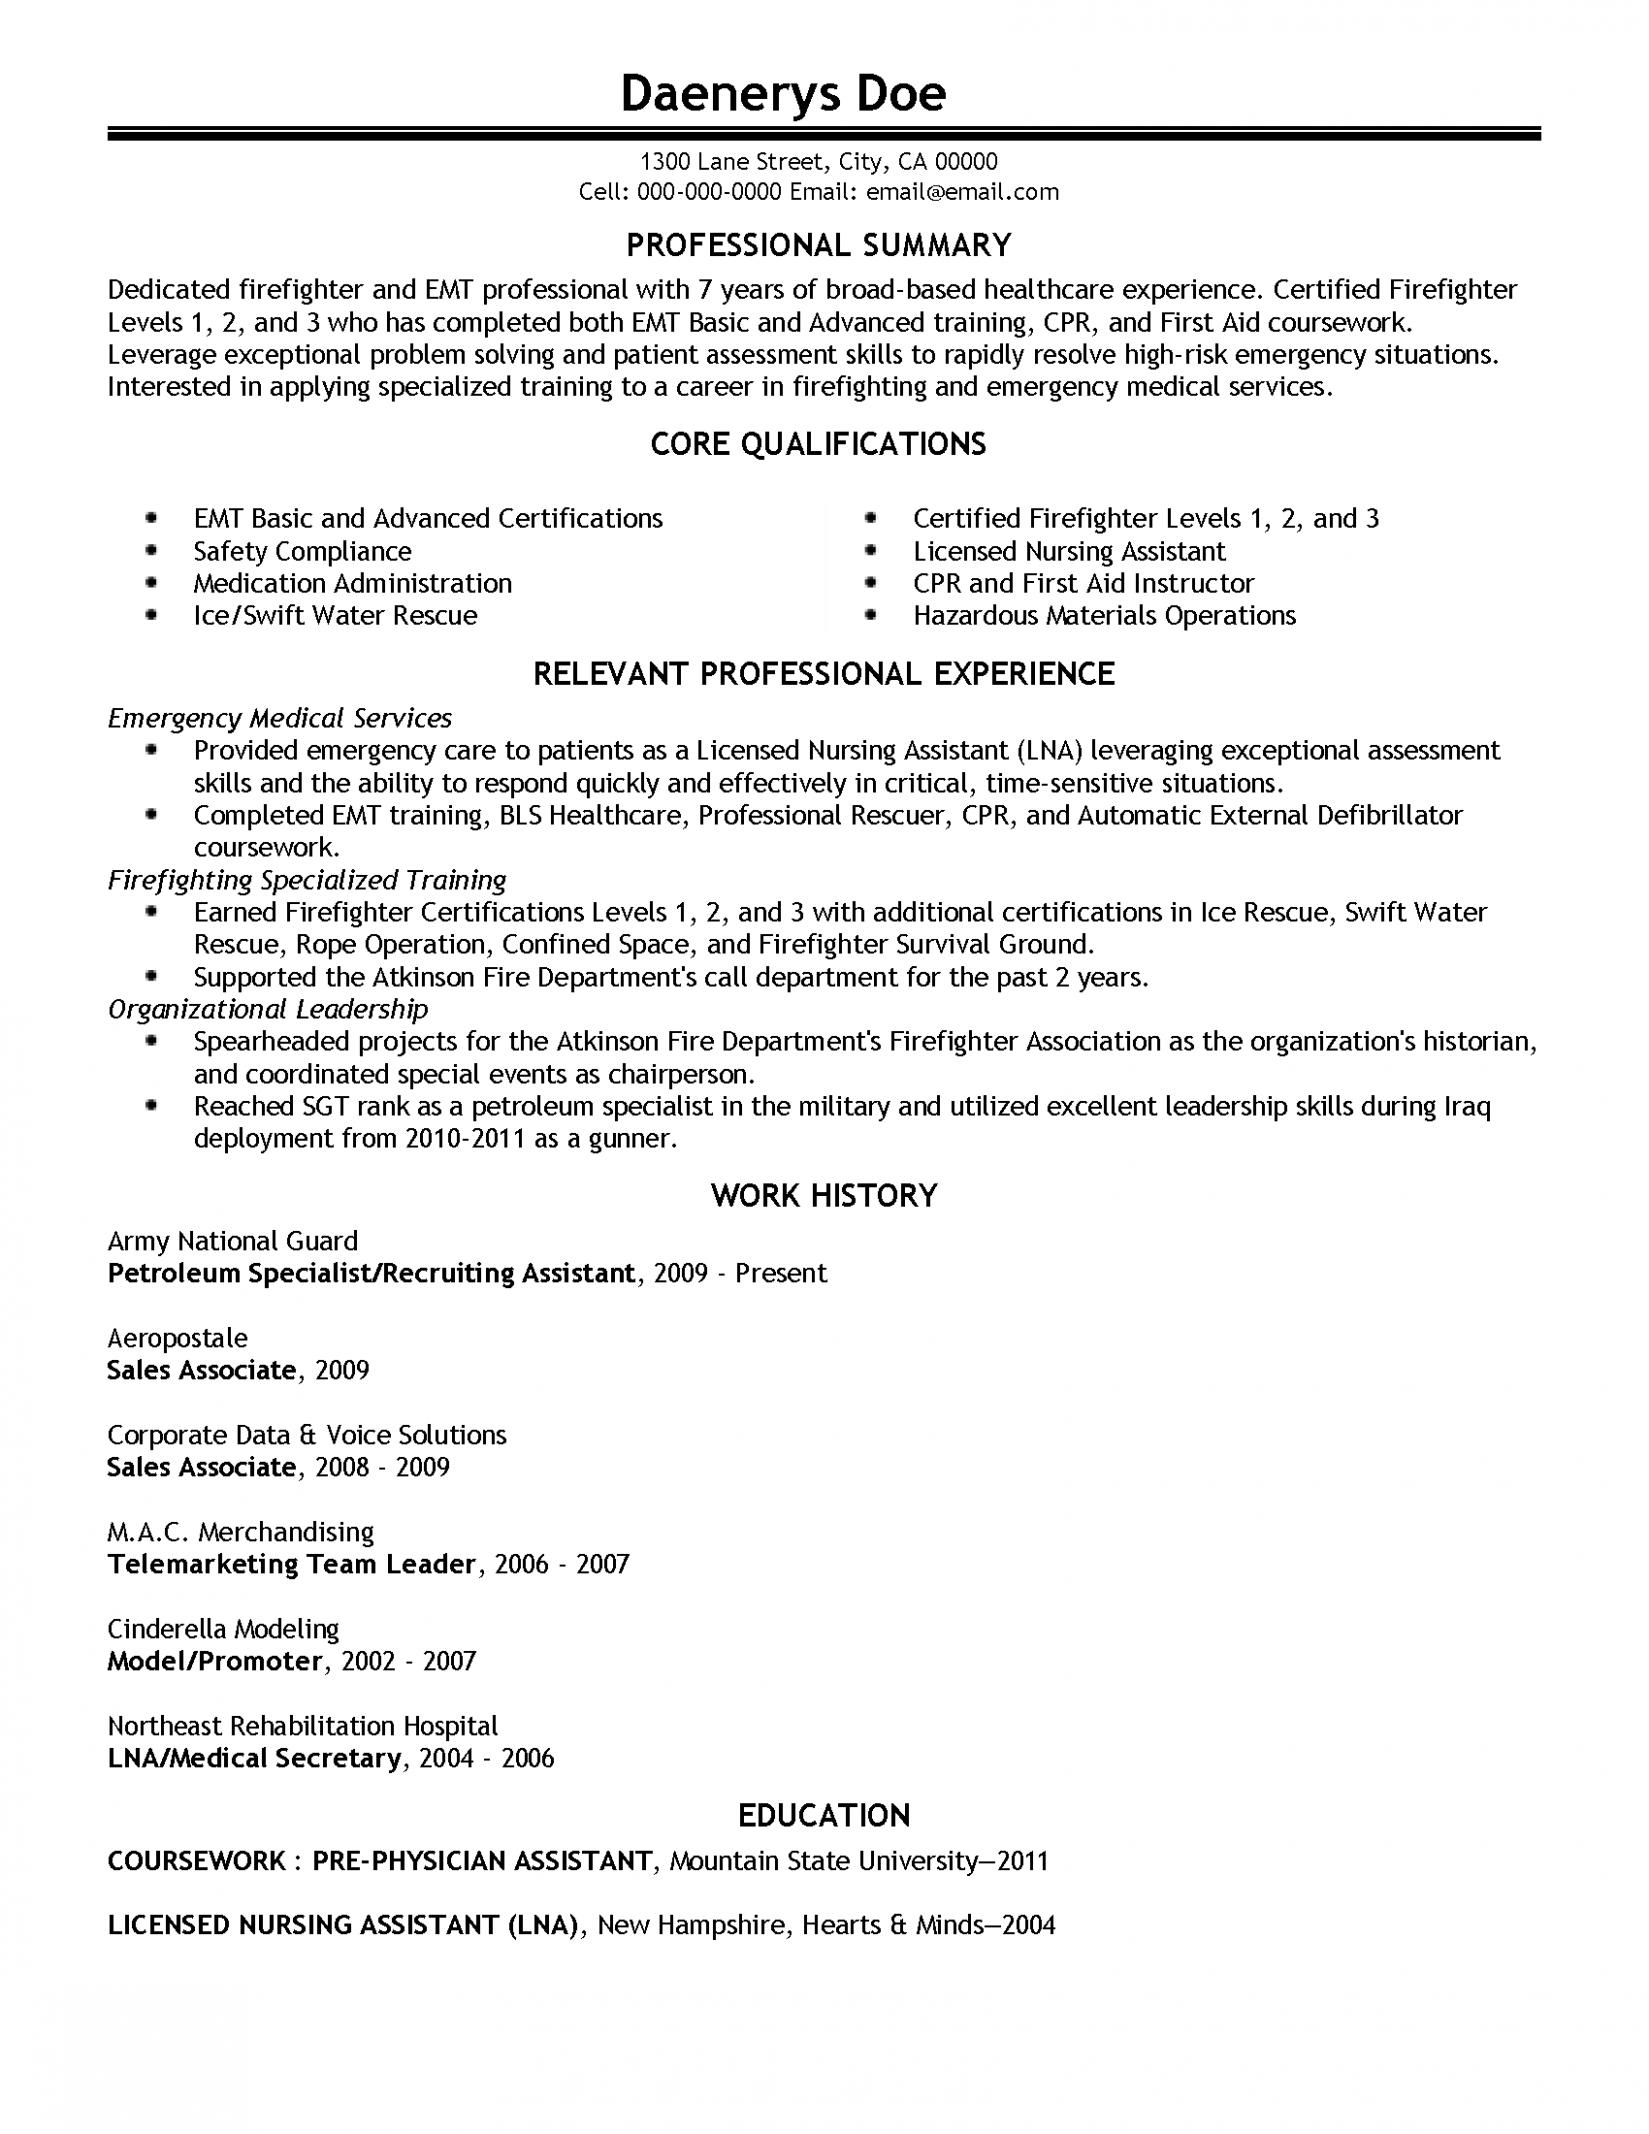 15 Emt Fundamental Resume 15 Emt Basic Resume Emt Basic